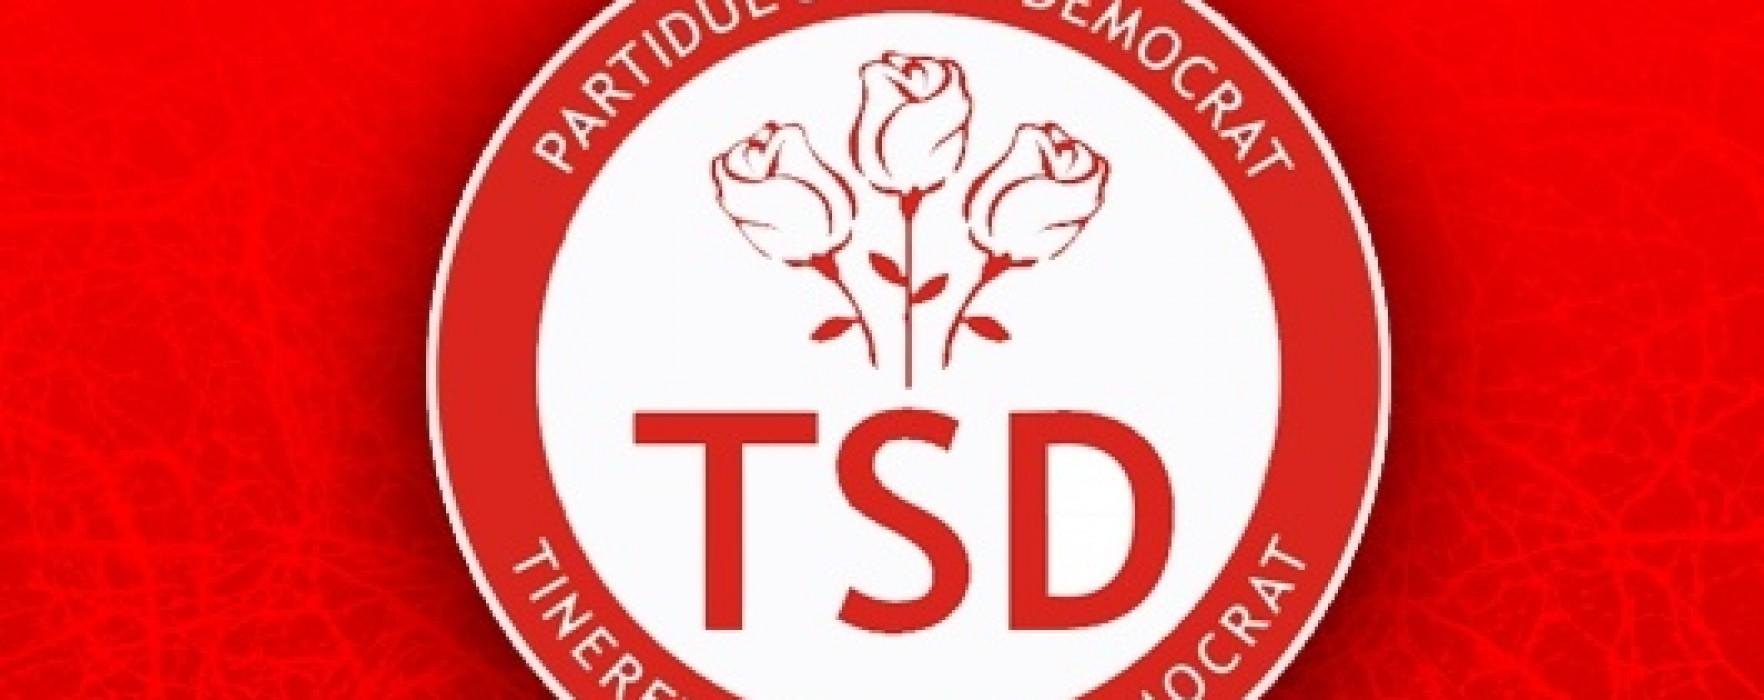 TSD Dâmboviţa: Tinerii social democraţi trebuie să fie mai activi în media şi pe facebook